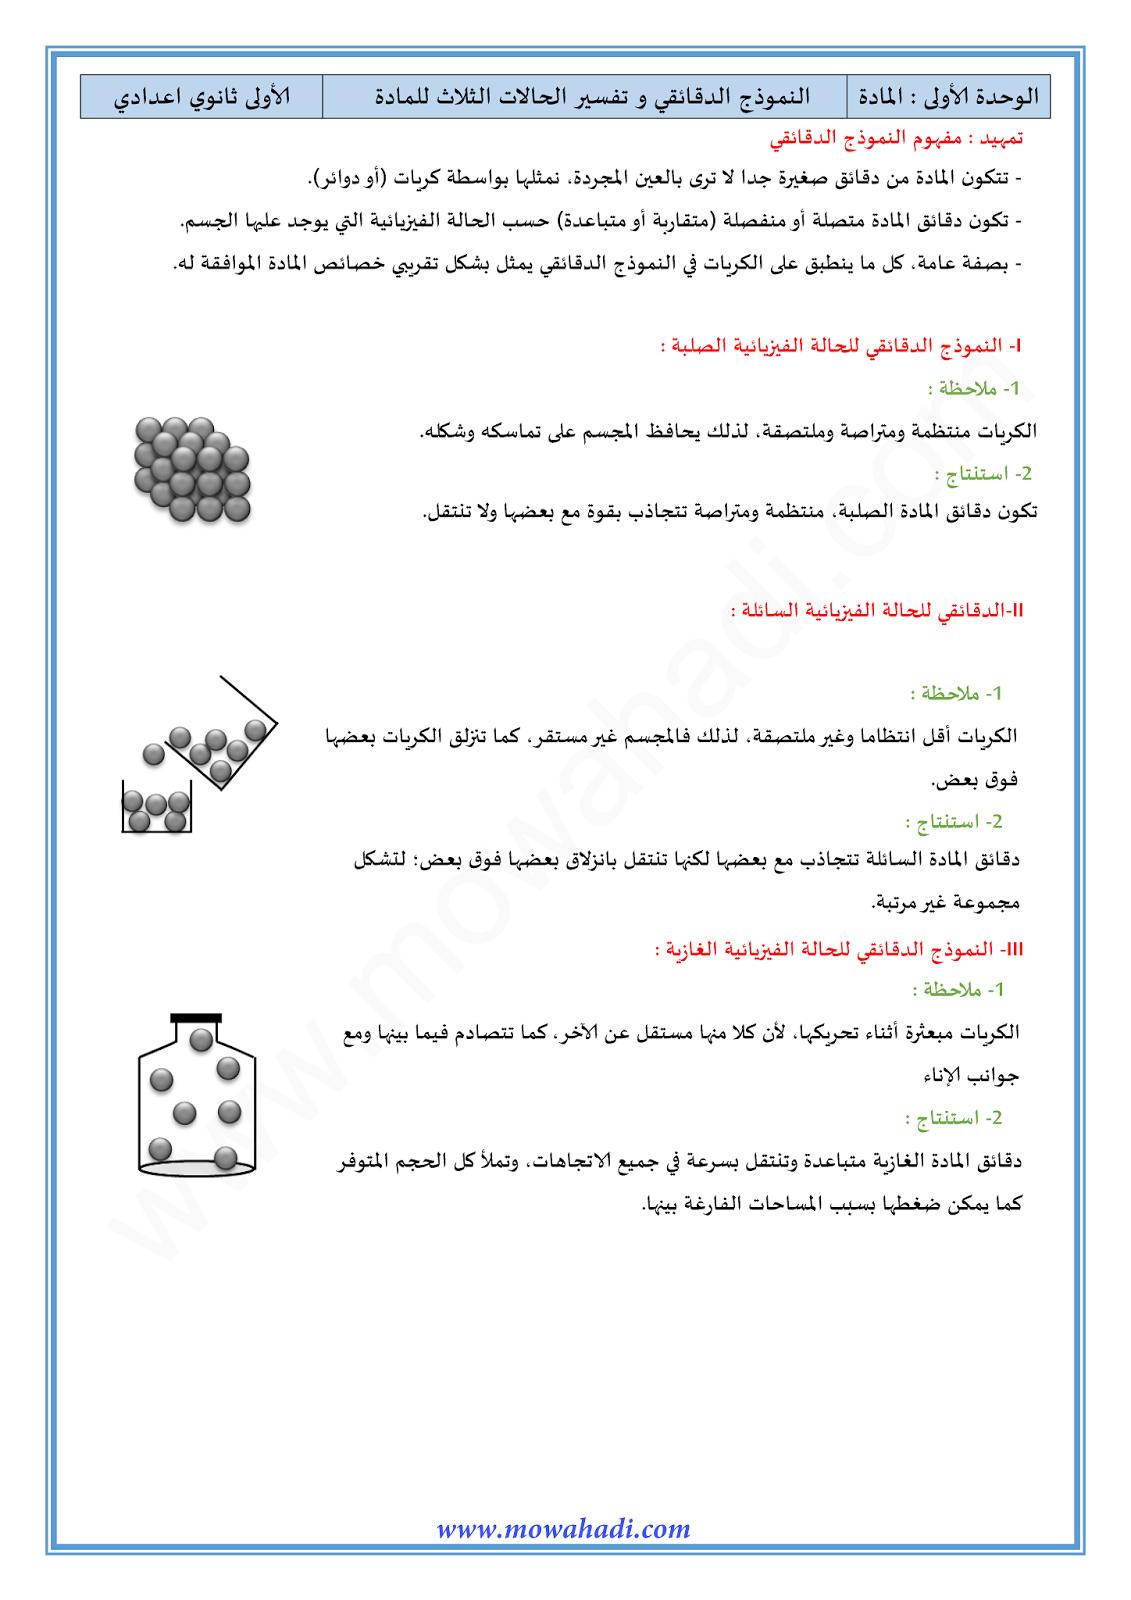 النموذج الدقائقي و تفسير الحالات الثلاث للمادة